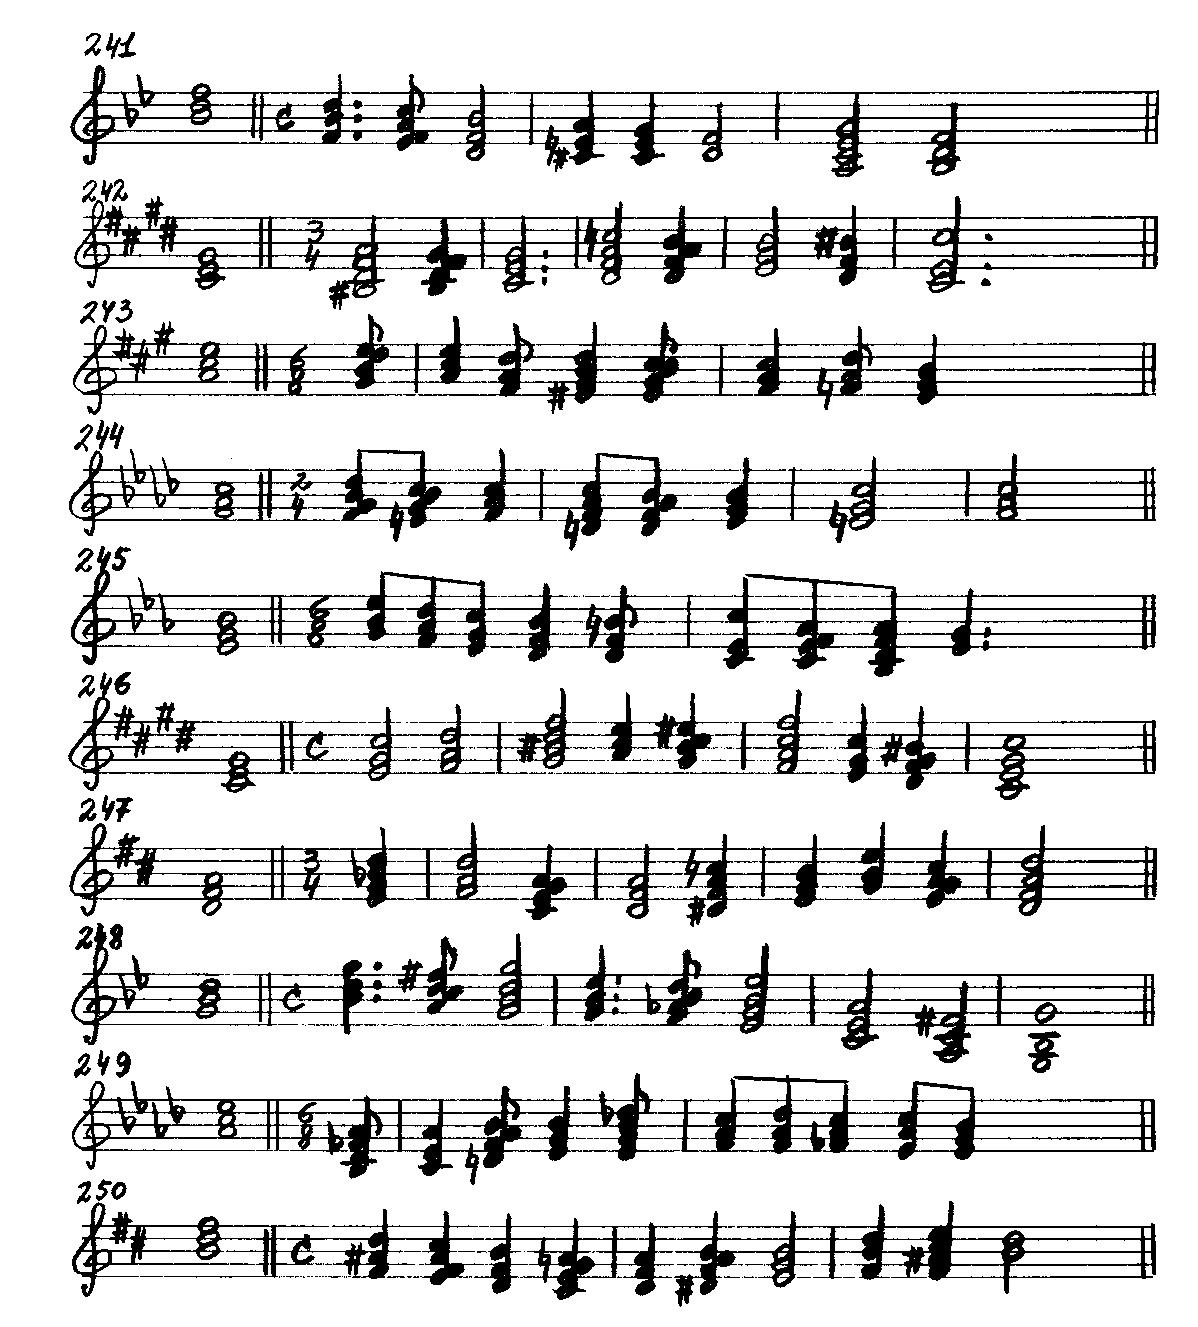 Что такое тональность в музыке? понятие, определение и изменение тональности